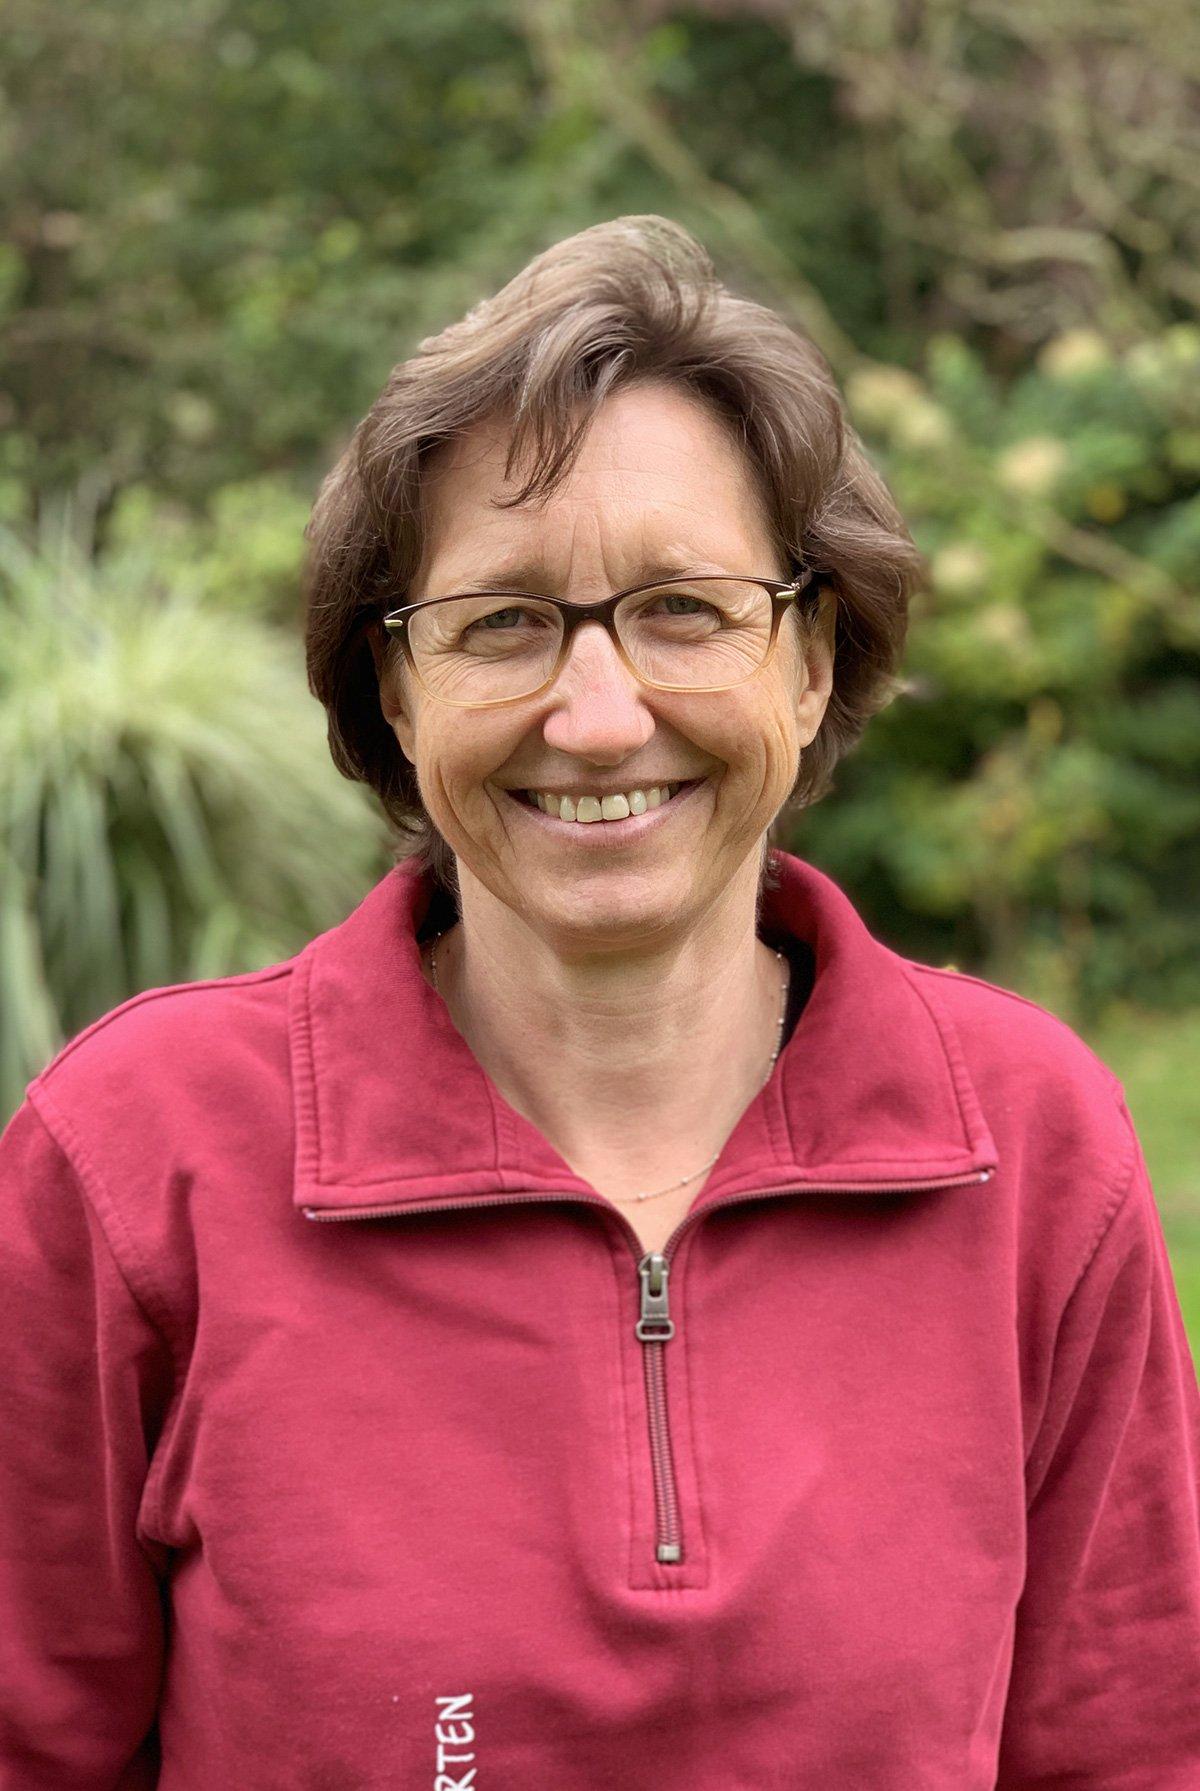 Corinna Raschle